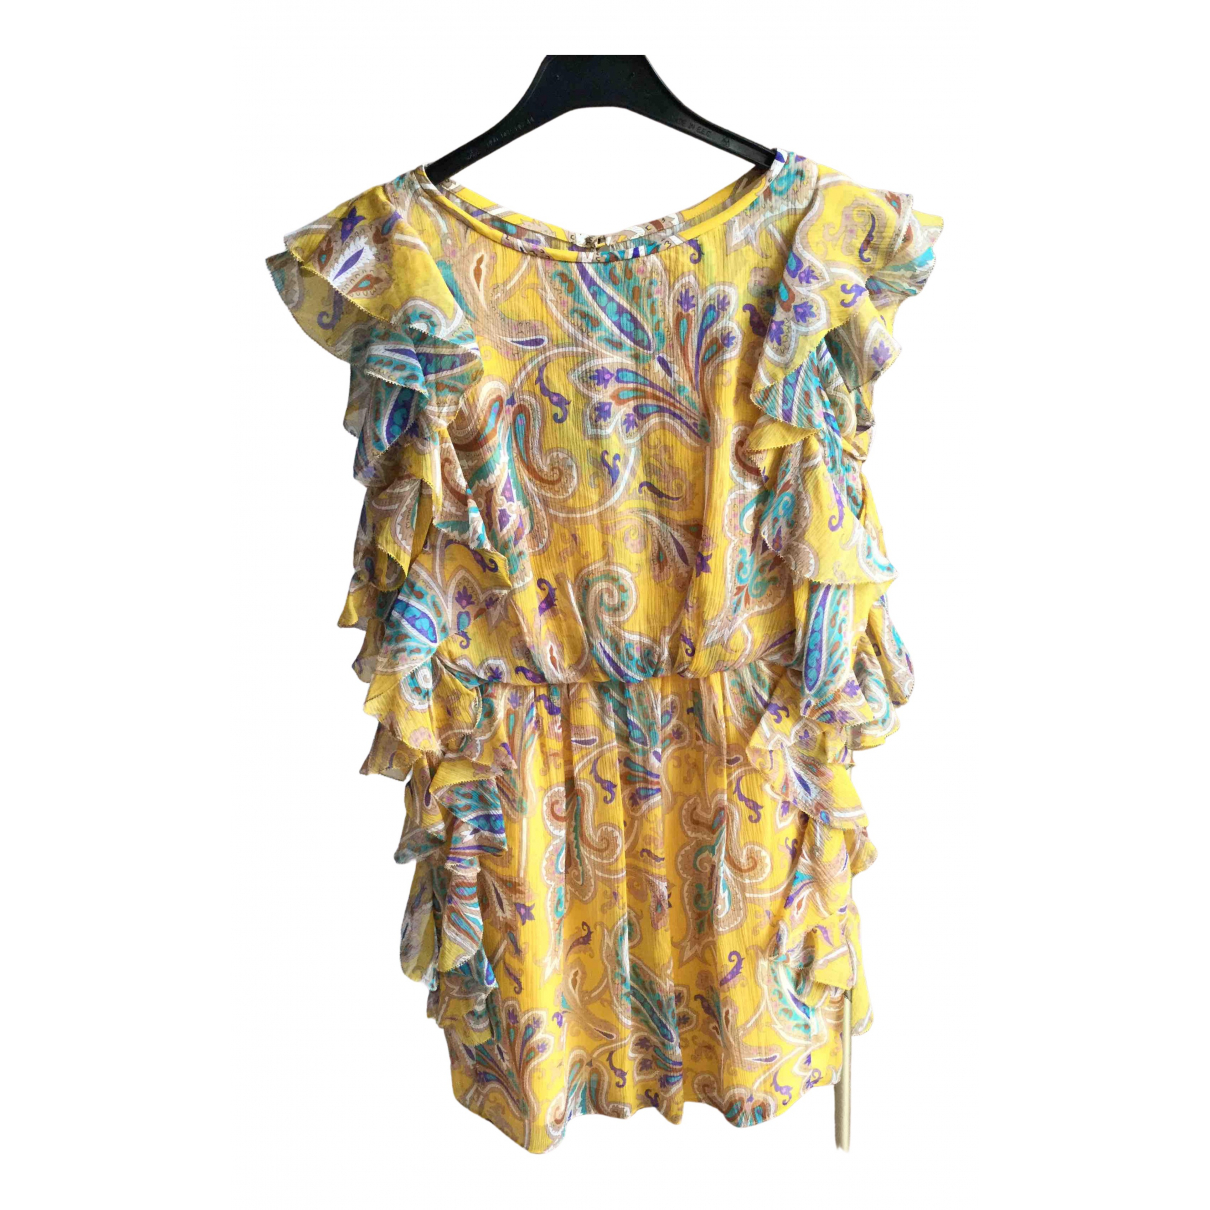 Tibi \N Kleid in  Gelb Seide